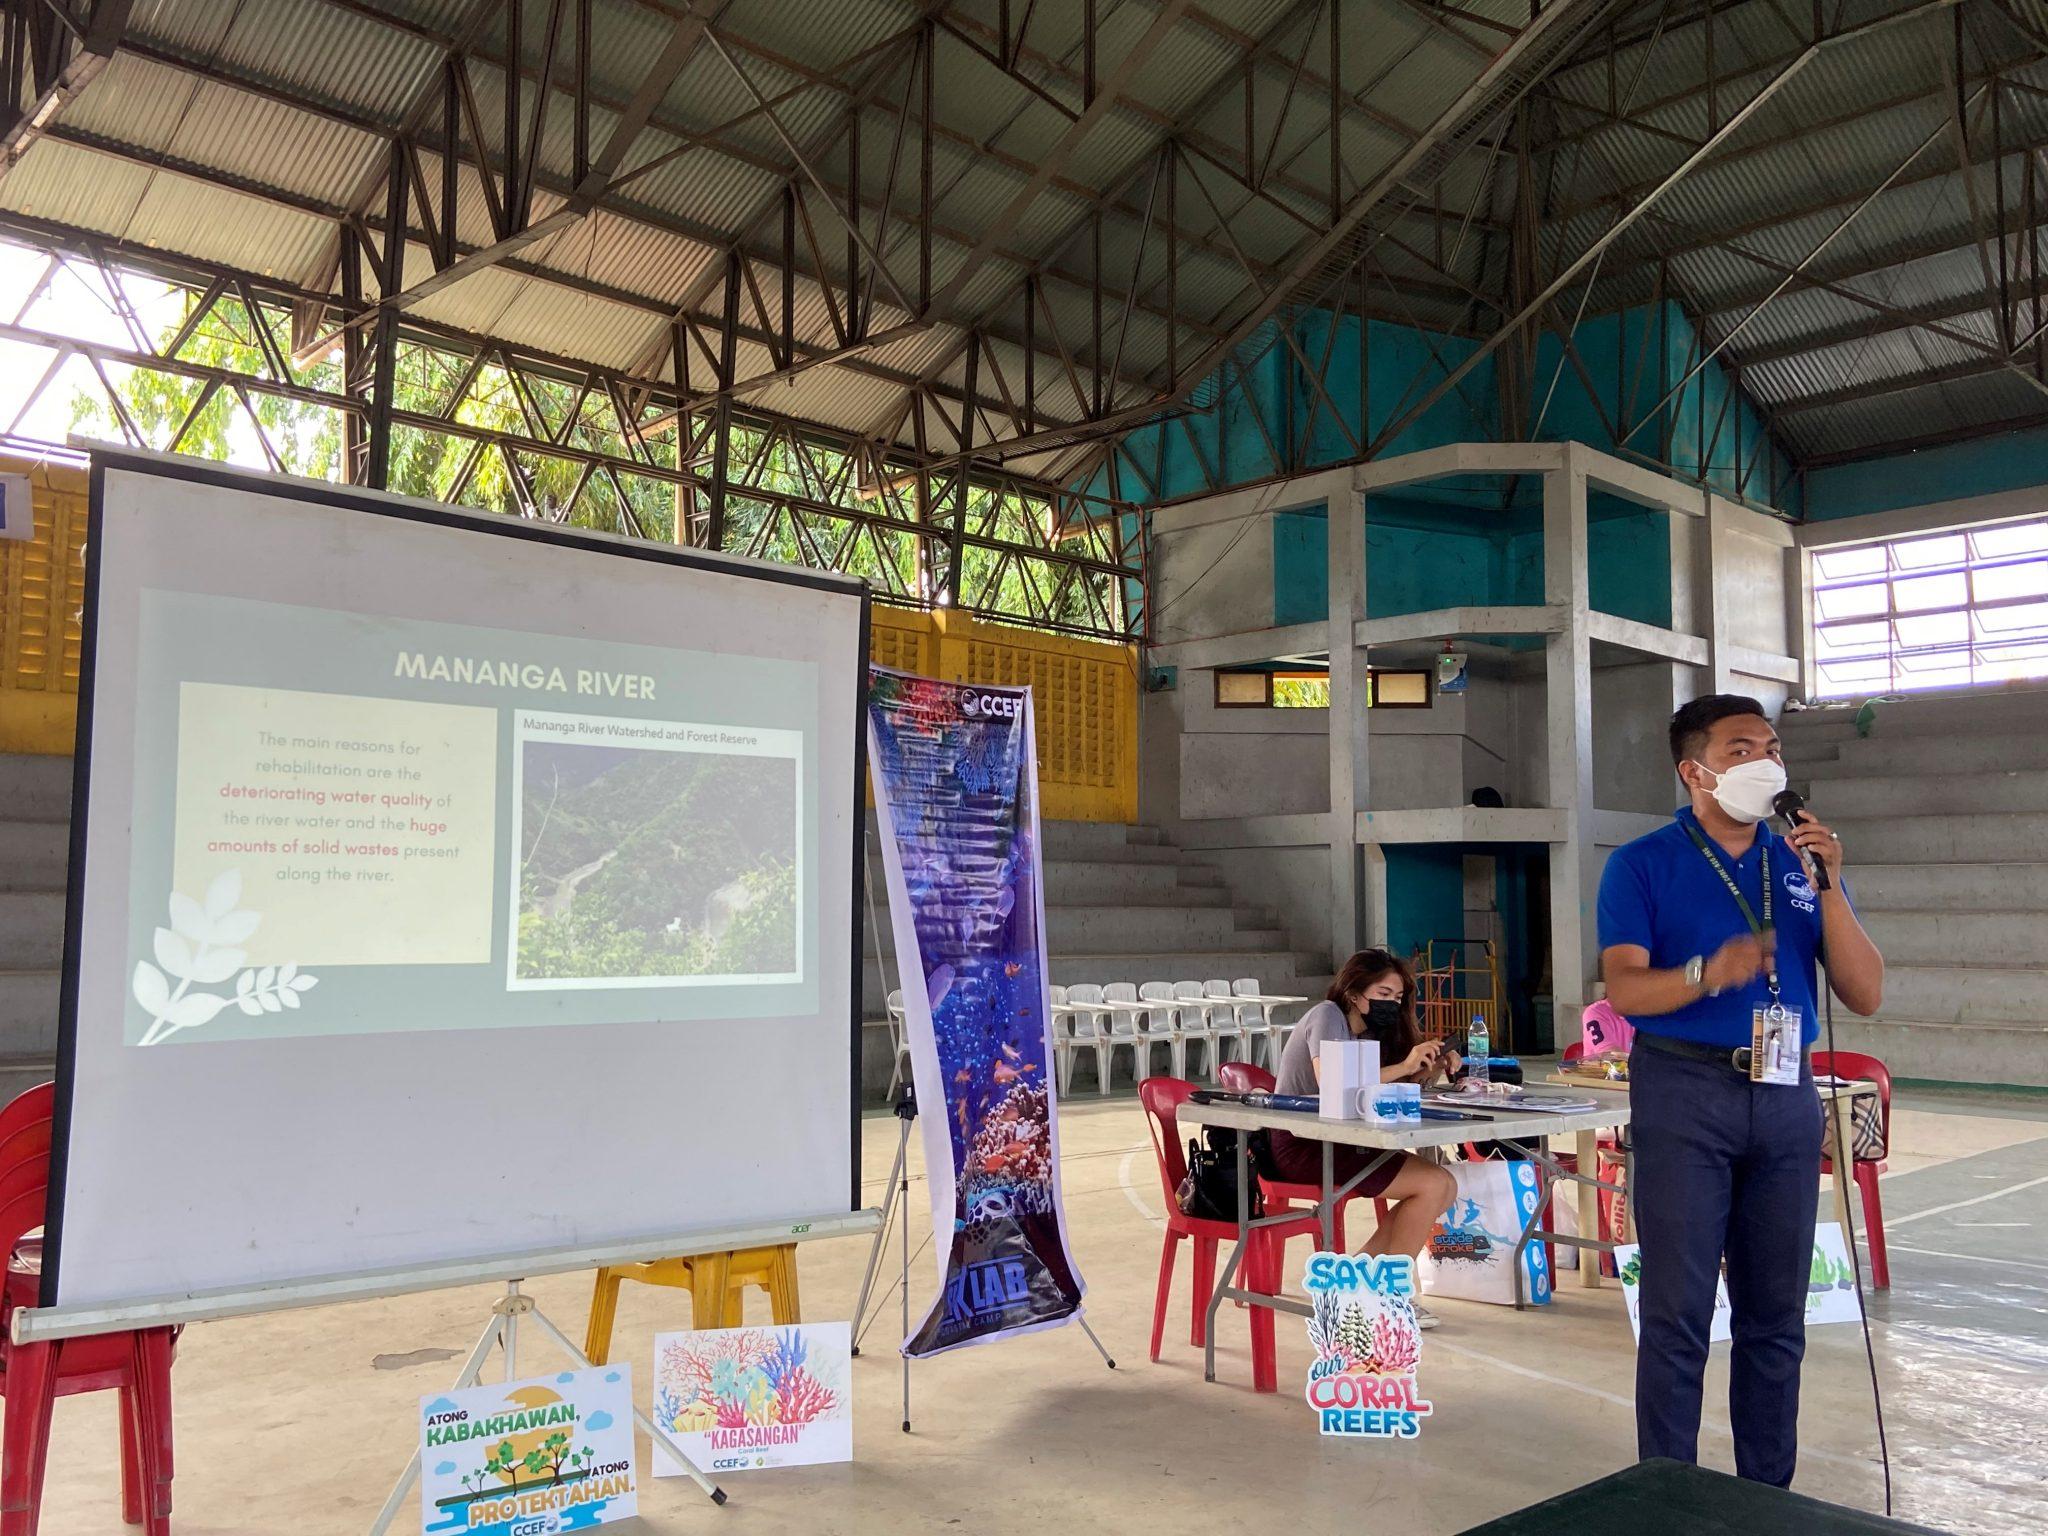 KAALAM: Raising Awareness for Mananga River